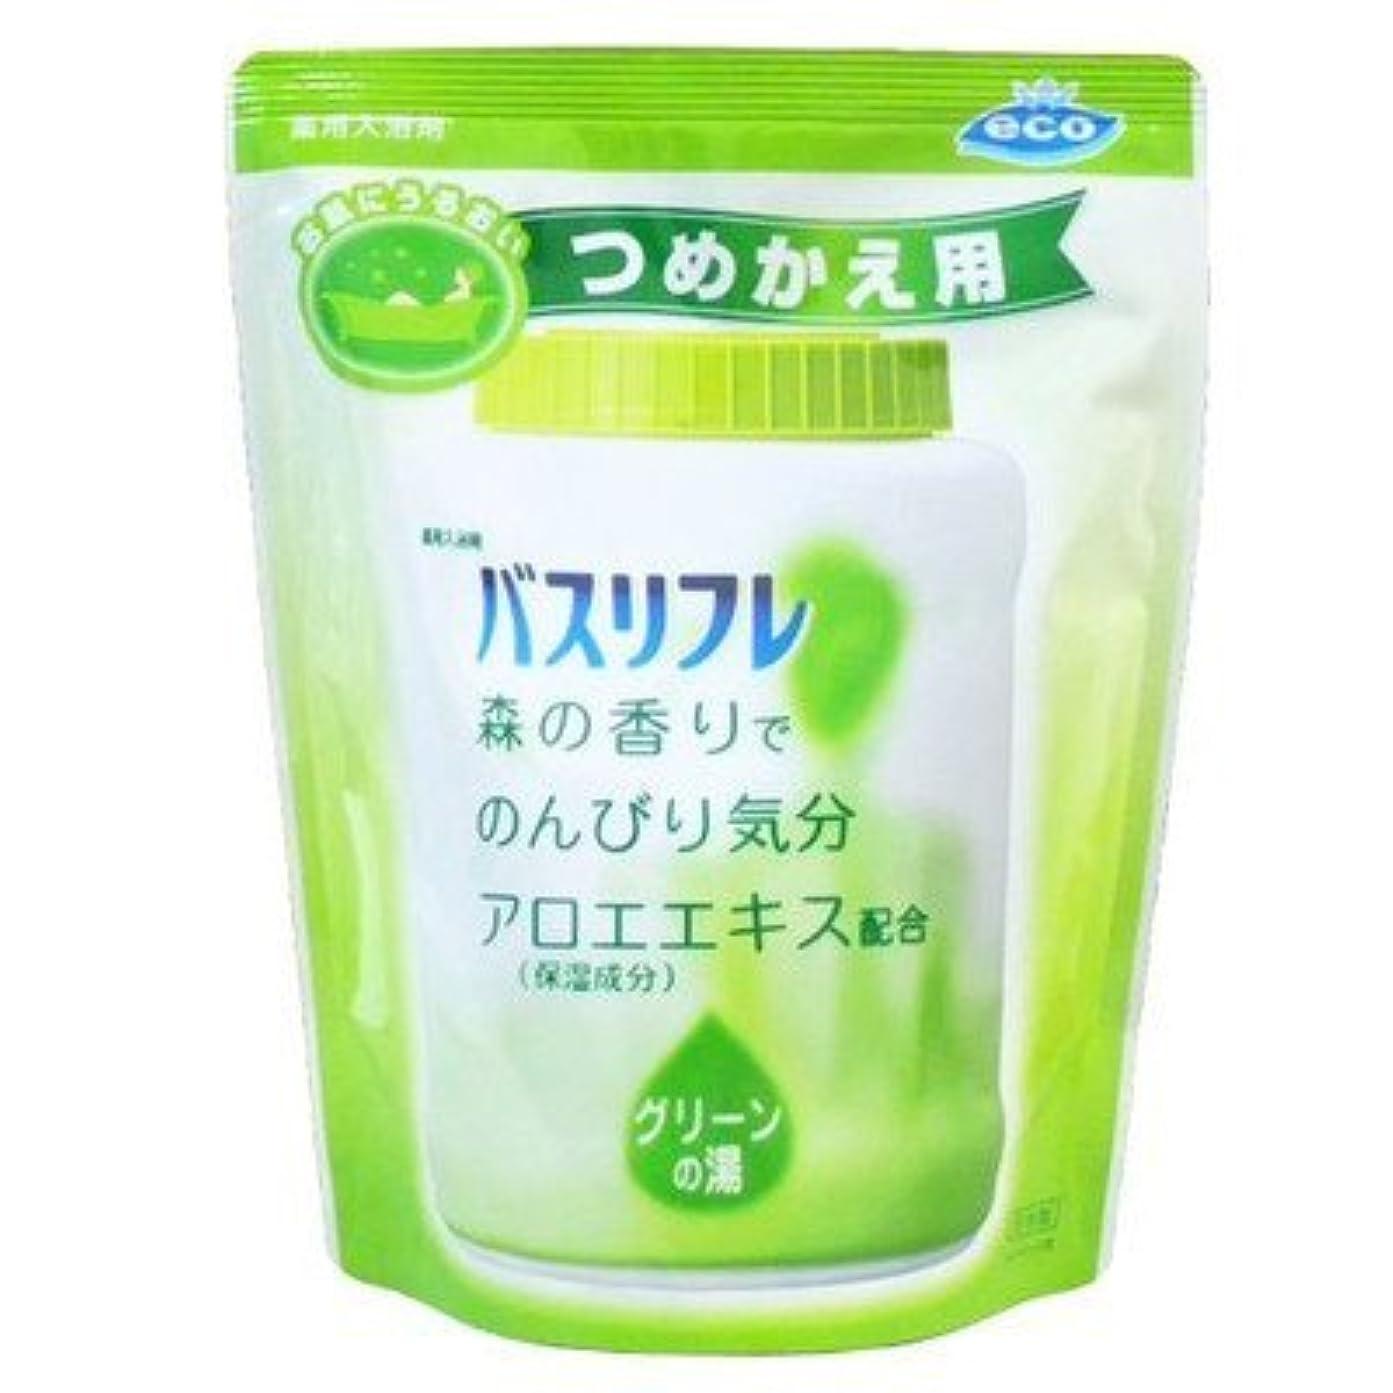 してはいけません割合白鳥薬用入浴剤 バスリフレ グリーンの湯 つめかえ用 540g 森の香り (ライオンケミカル) Japan